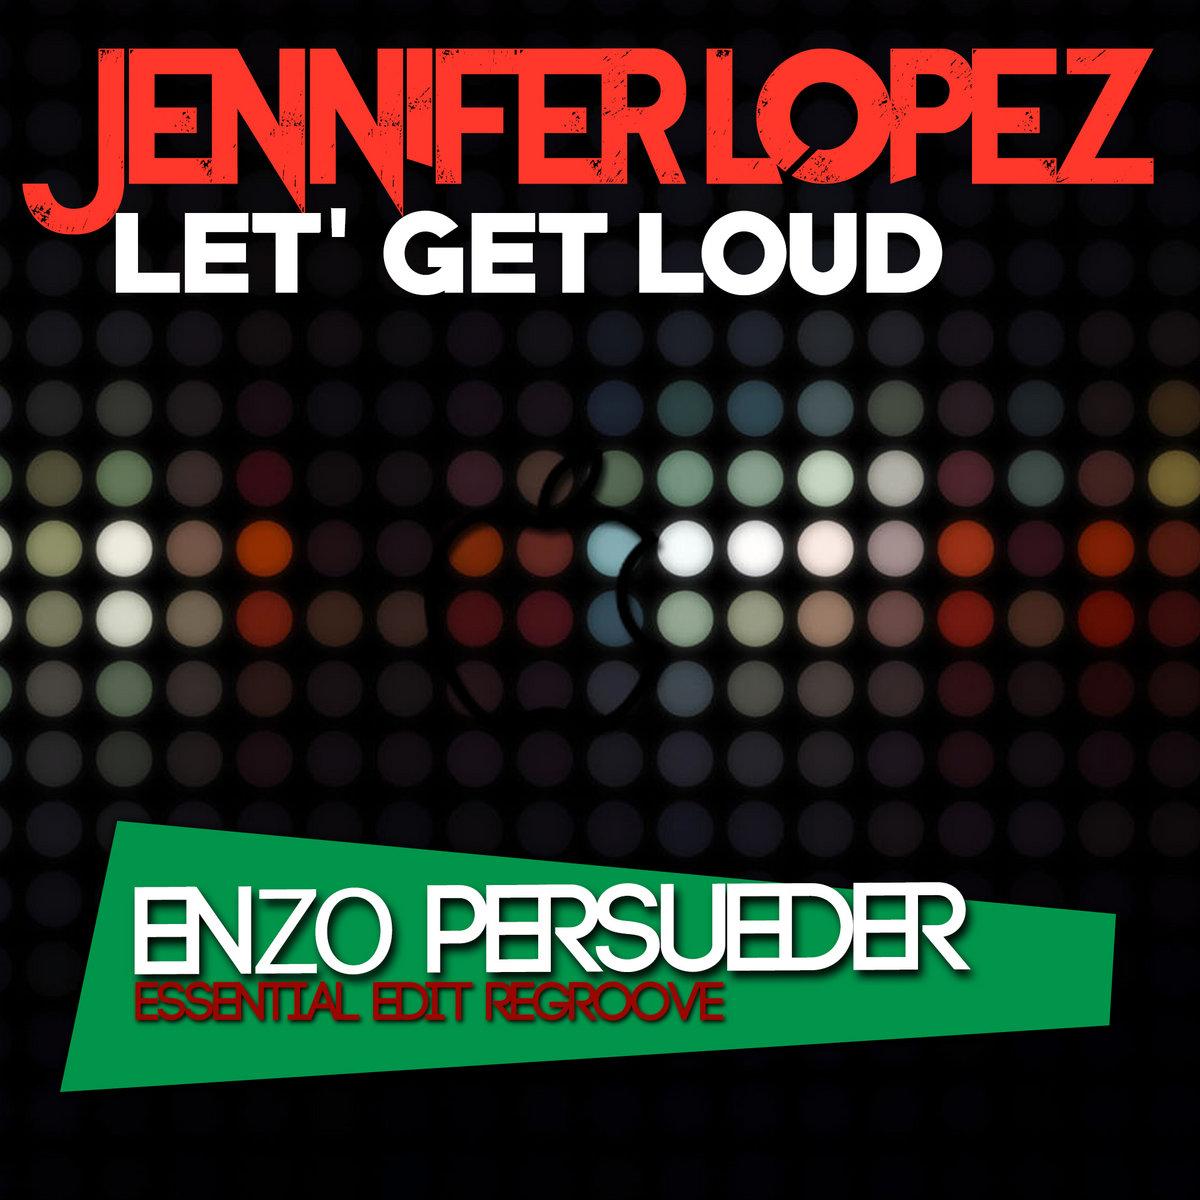 Jennifer Lopez Let S Get Loud E Persueder Bootleg Regroove Dj Enzo Persueder